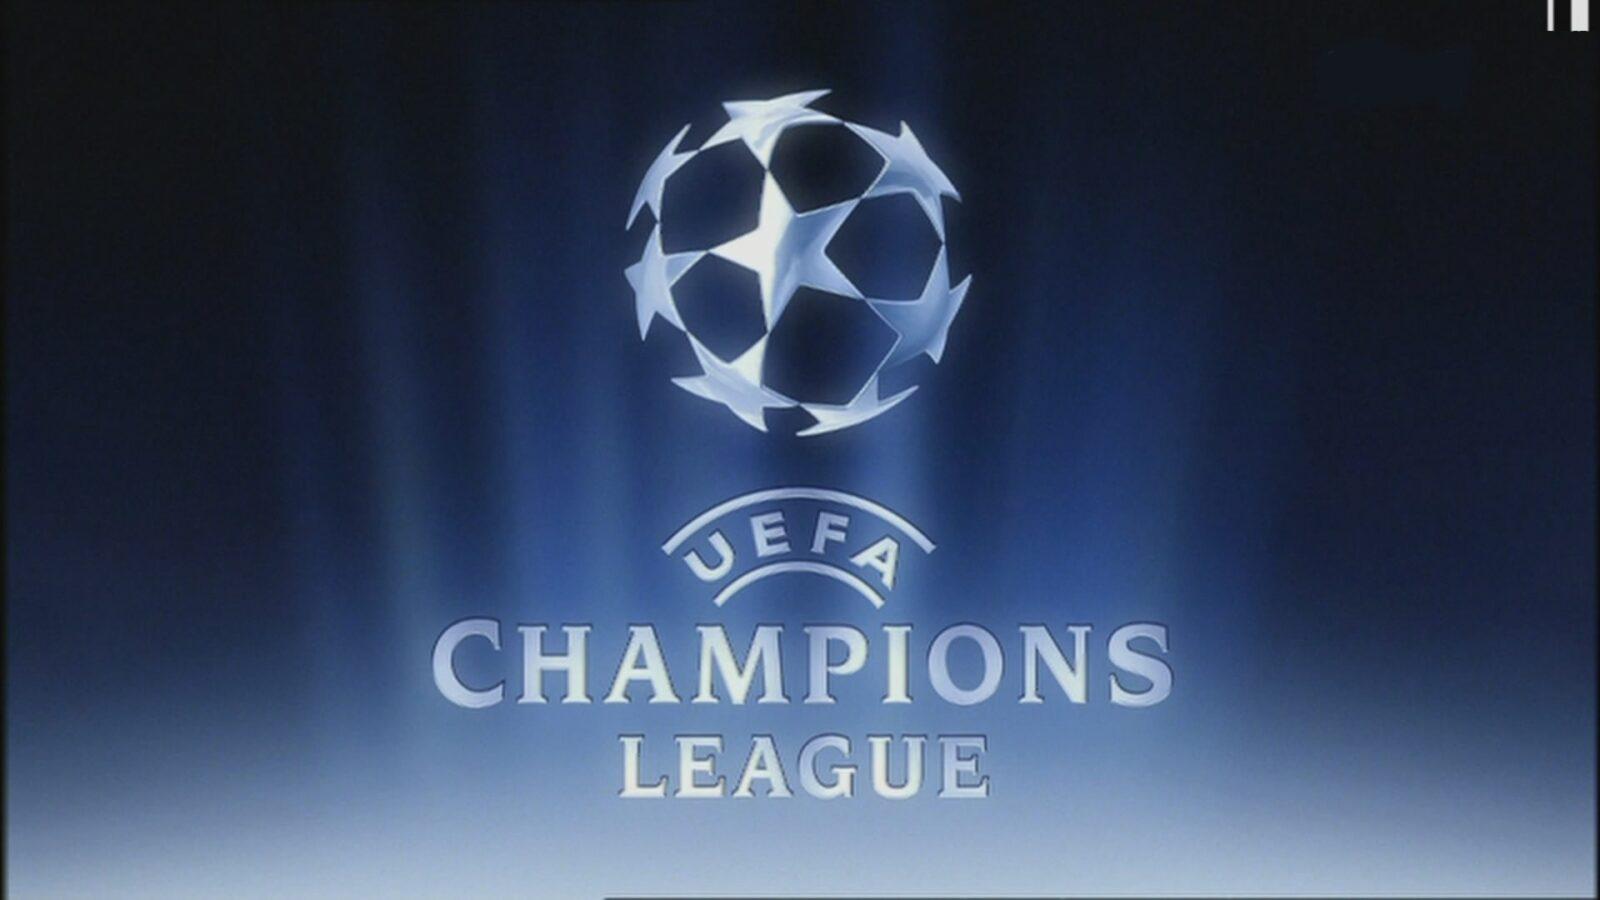 «Спорт» телеканали Чемпионлар Лигаси ва Европа Лигаси ўйинларини намойиш этмайди